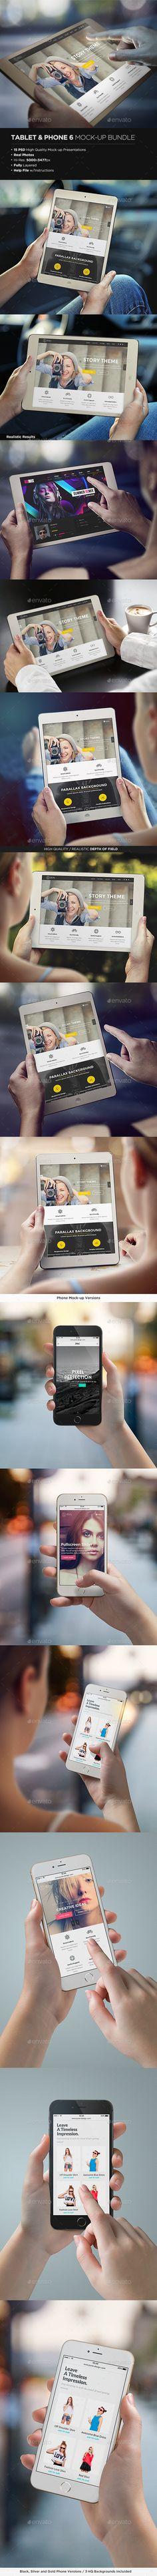 T shirt design app for ipad - Tablet Phone 6 Mock Up Bundle